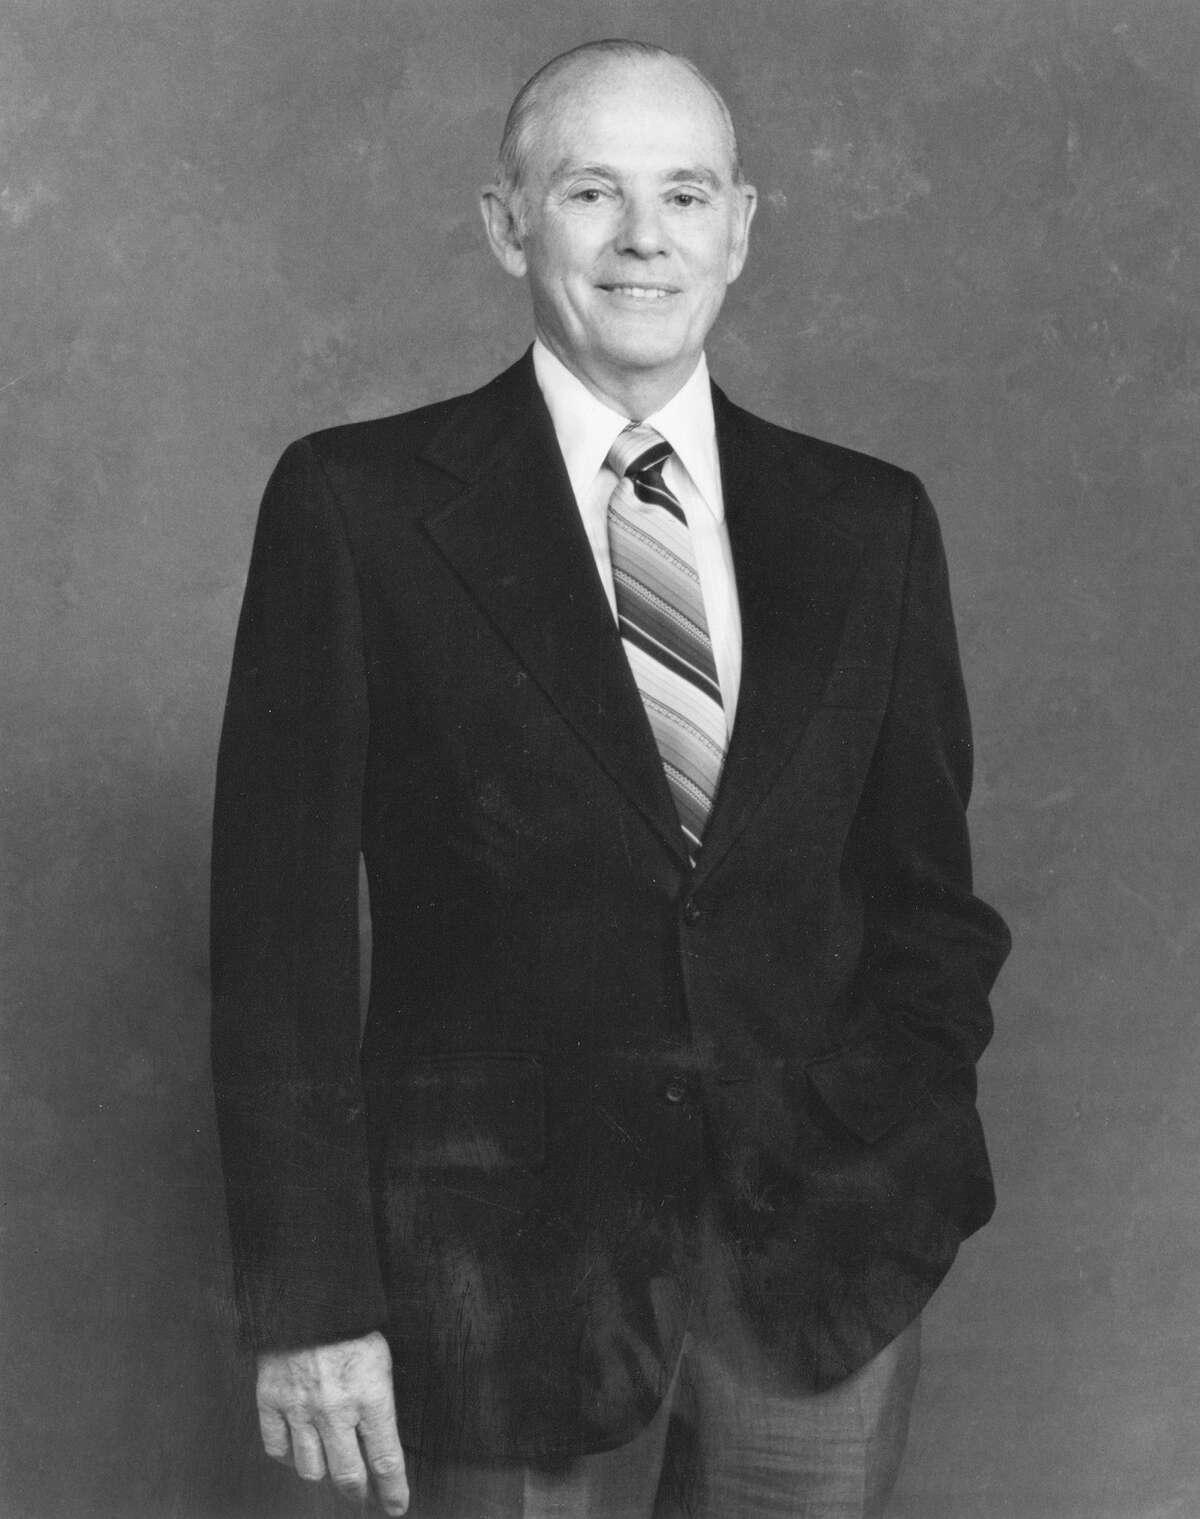 Dr. Frank Harrison handled the task of uniting medical, nursing and dental schools.